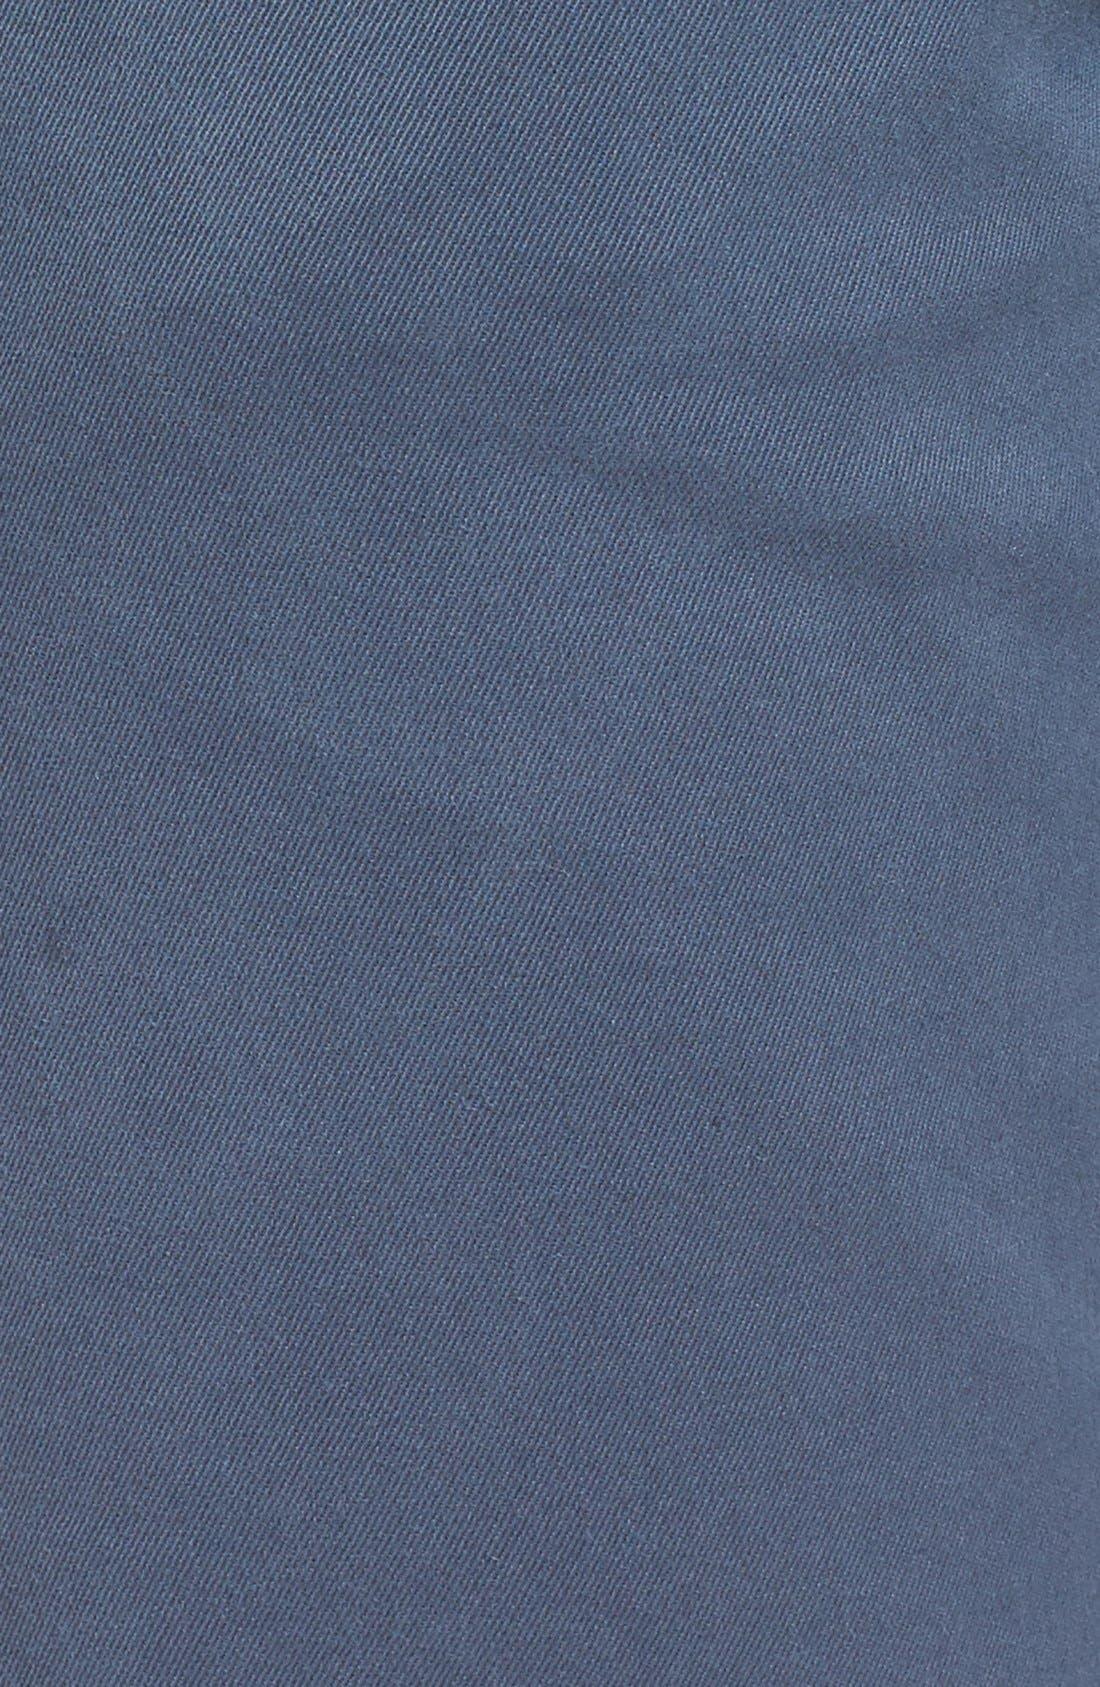 'Matchbox BES' Slim Fit Pants,                             Alternate thumbnail 124, color,